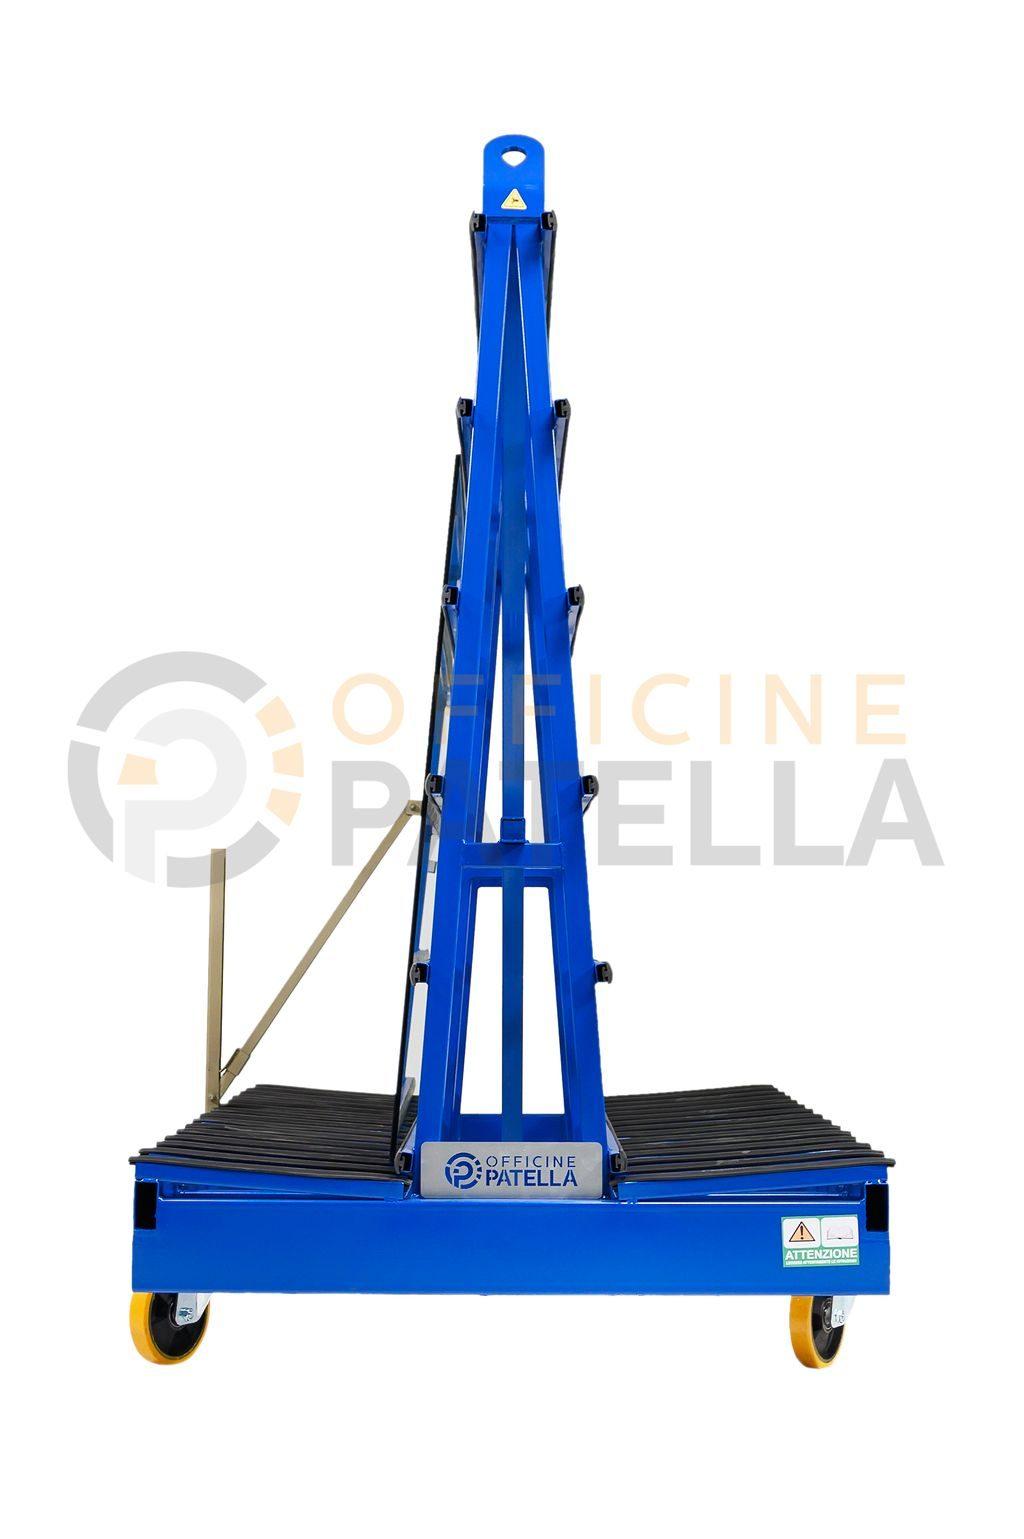 cavalletti-per-vetrerie-officine-patella-6631